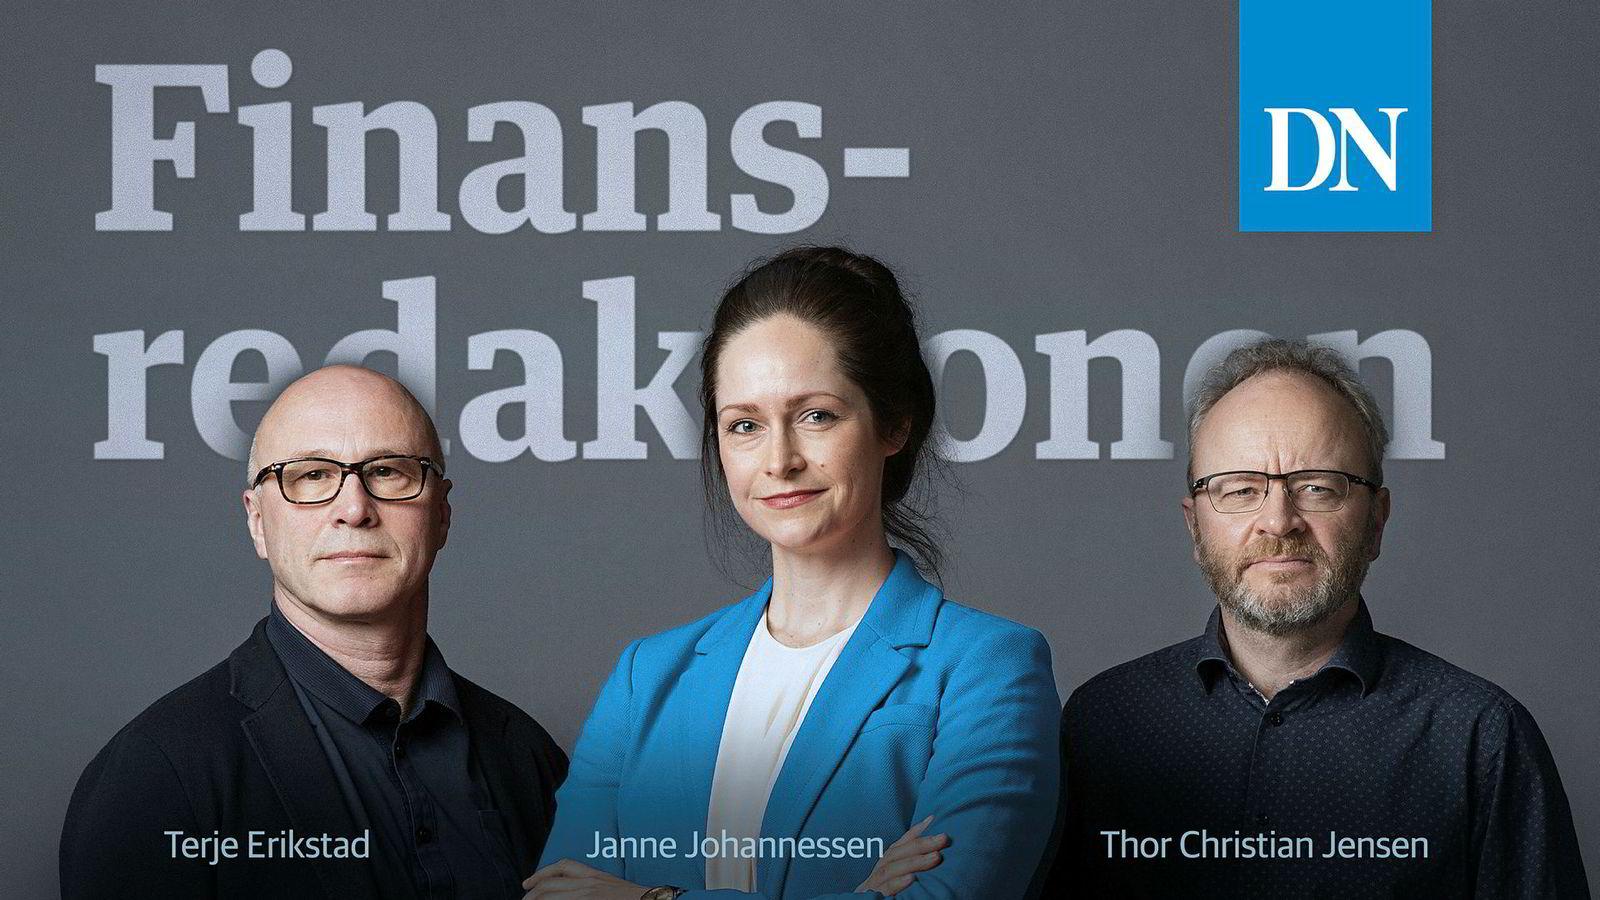 Promobilde podkasten Finansredaksjonen med Terje Erikstad, Janne Johannessen og Thor Christian Jensen.